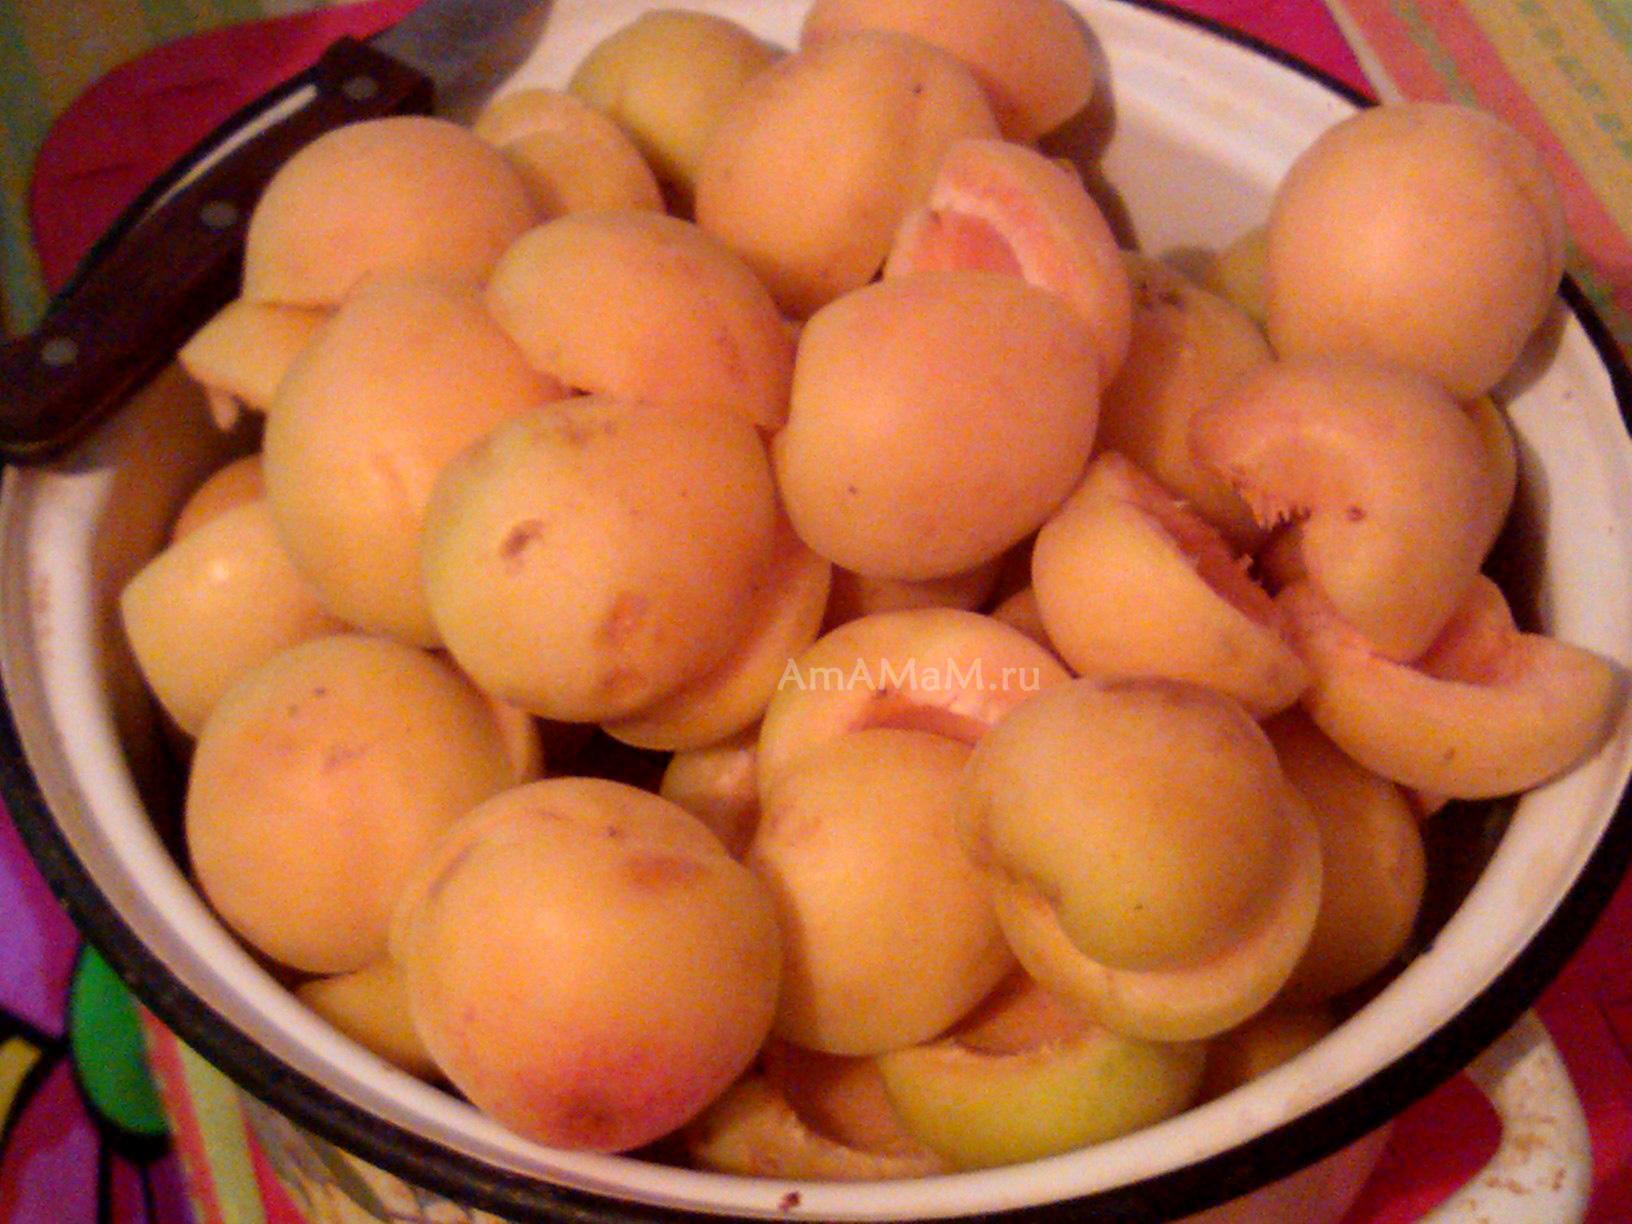 Чистка абрикосов для варенья